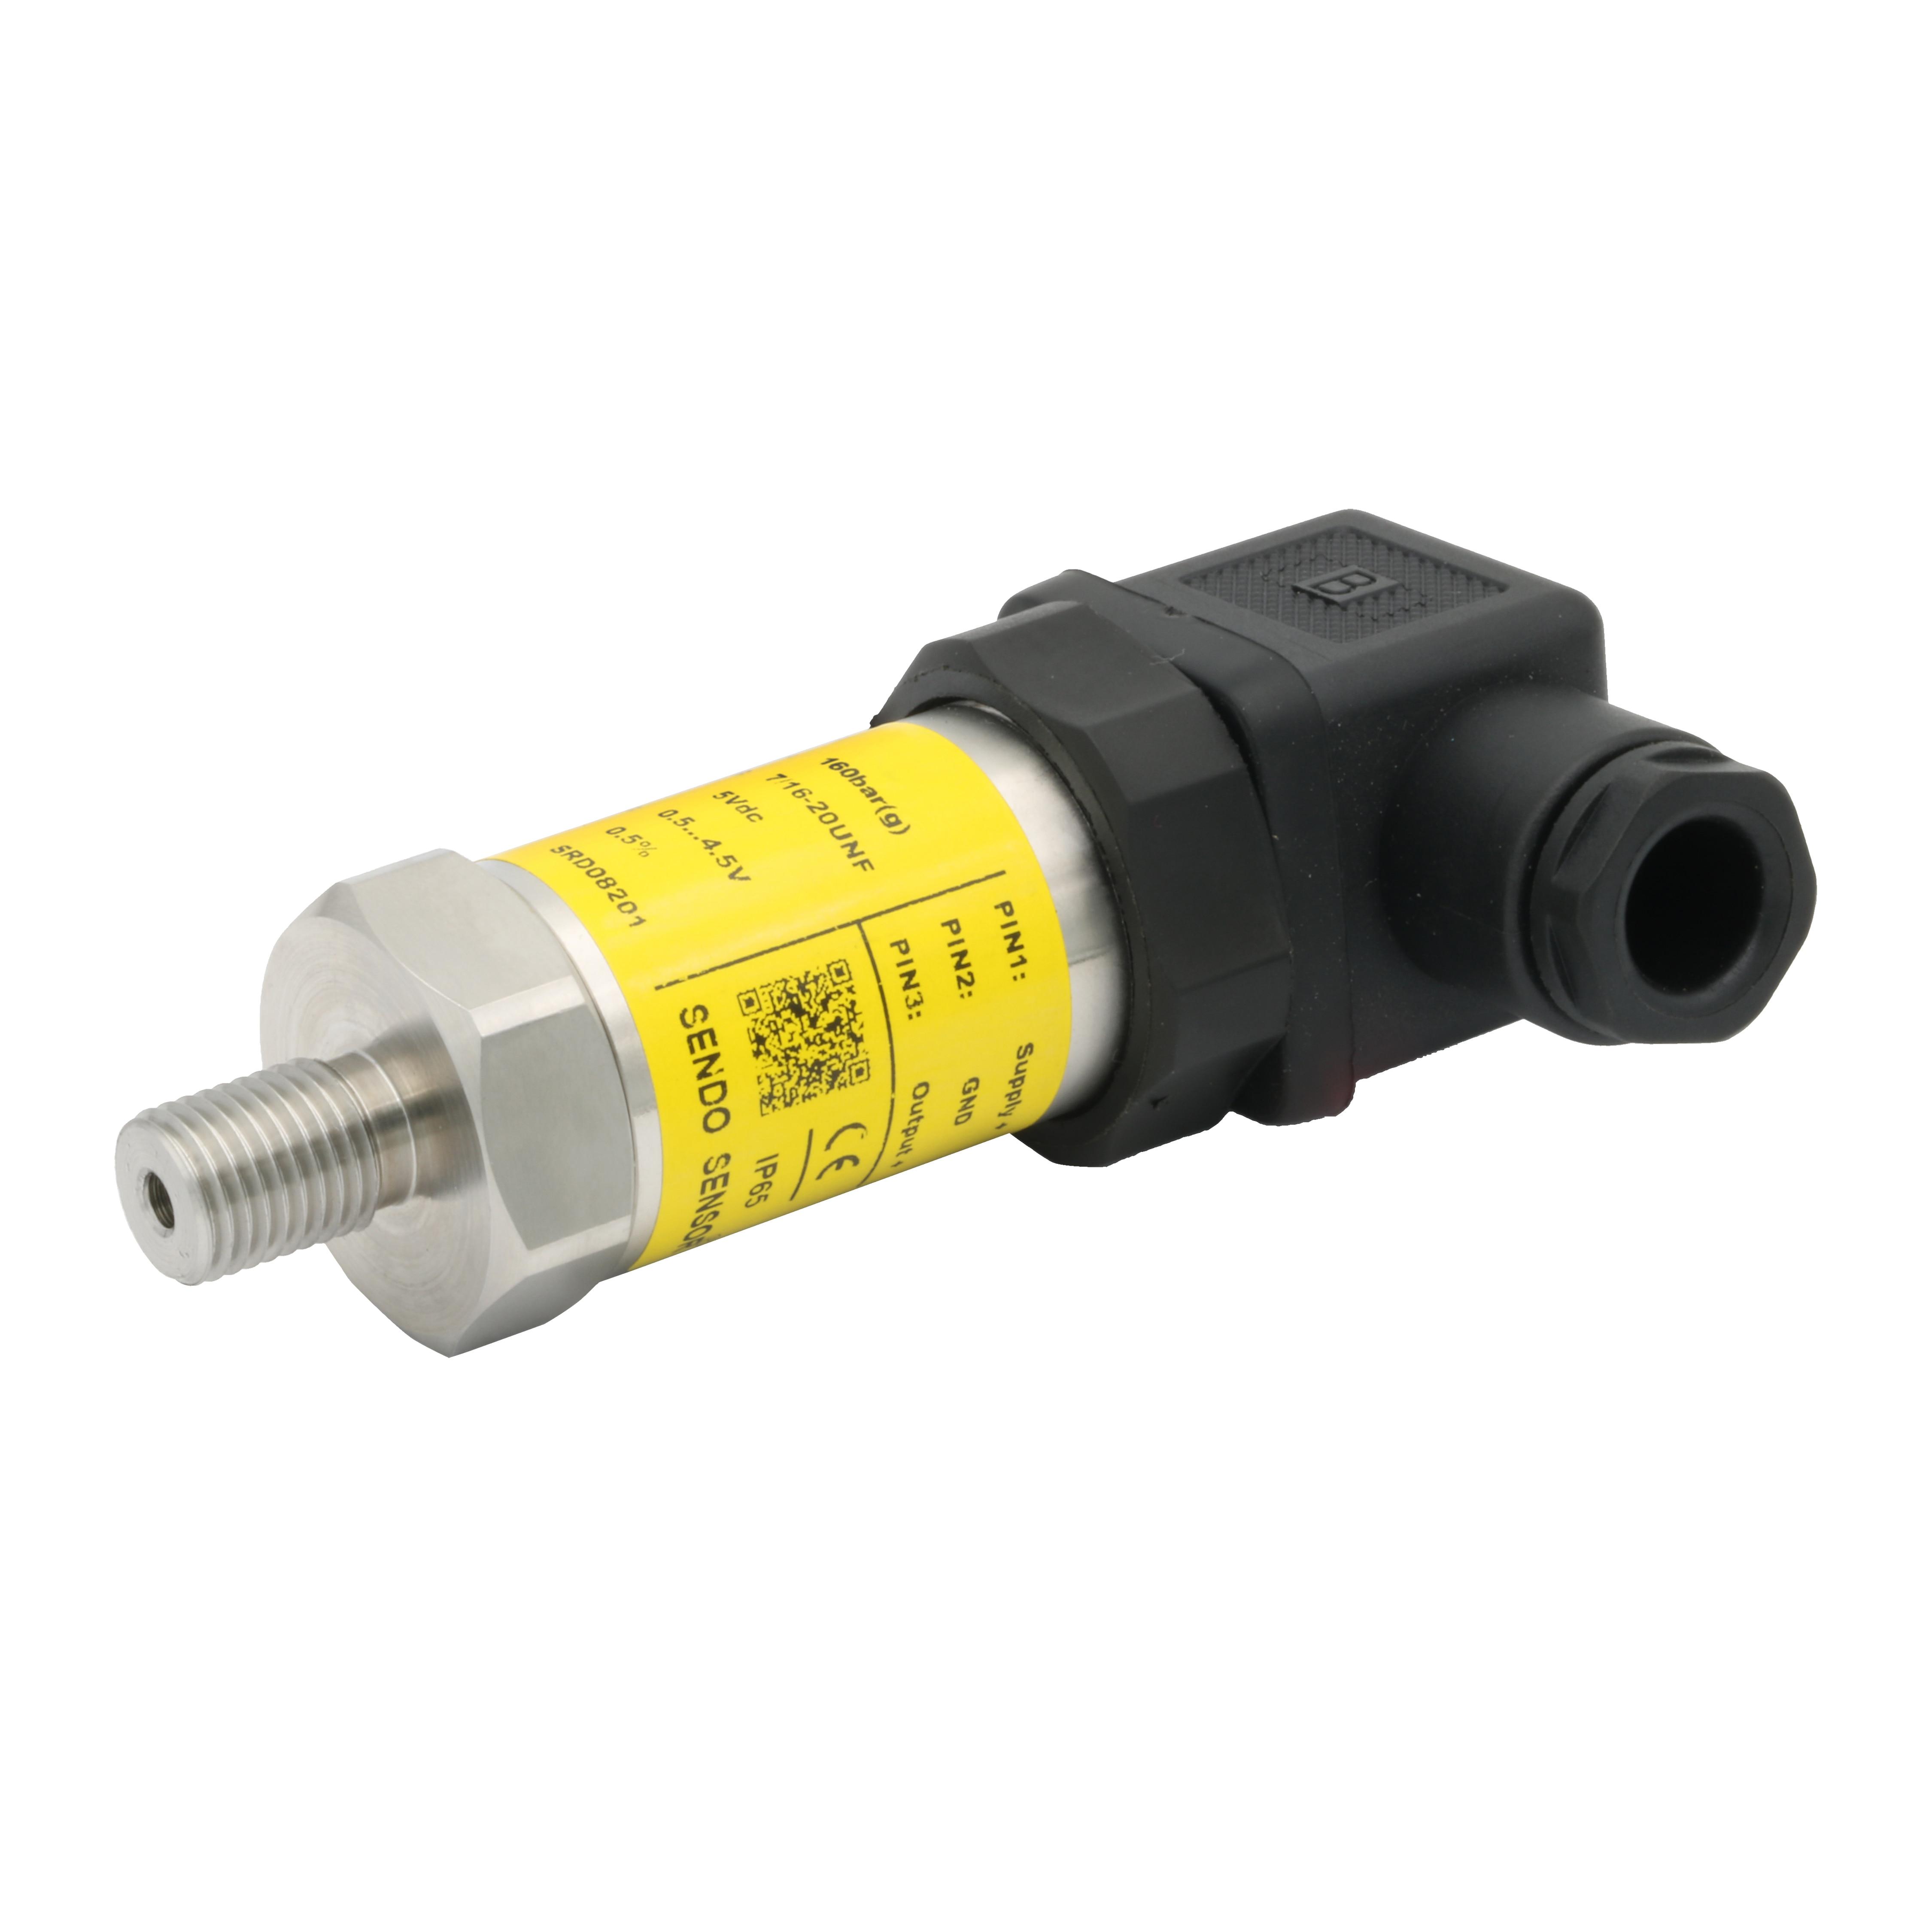 7/16 20 UNF thread  5V pressure sensor  0.5 4.5v signal  pressure 0.35 bar  1 bar  10 bar  16 bar  25 bar  100 bar  160  400 bar|Pressure Transmitters| |  - title=